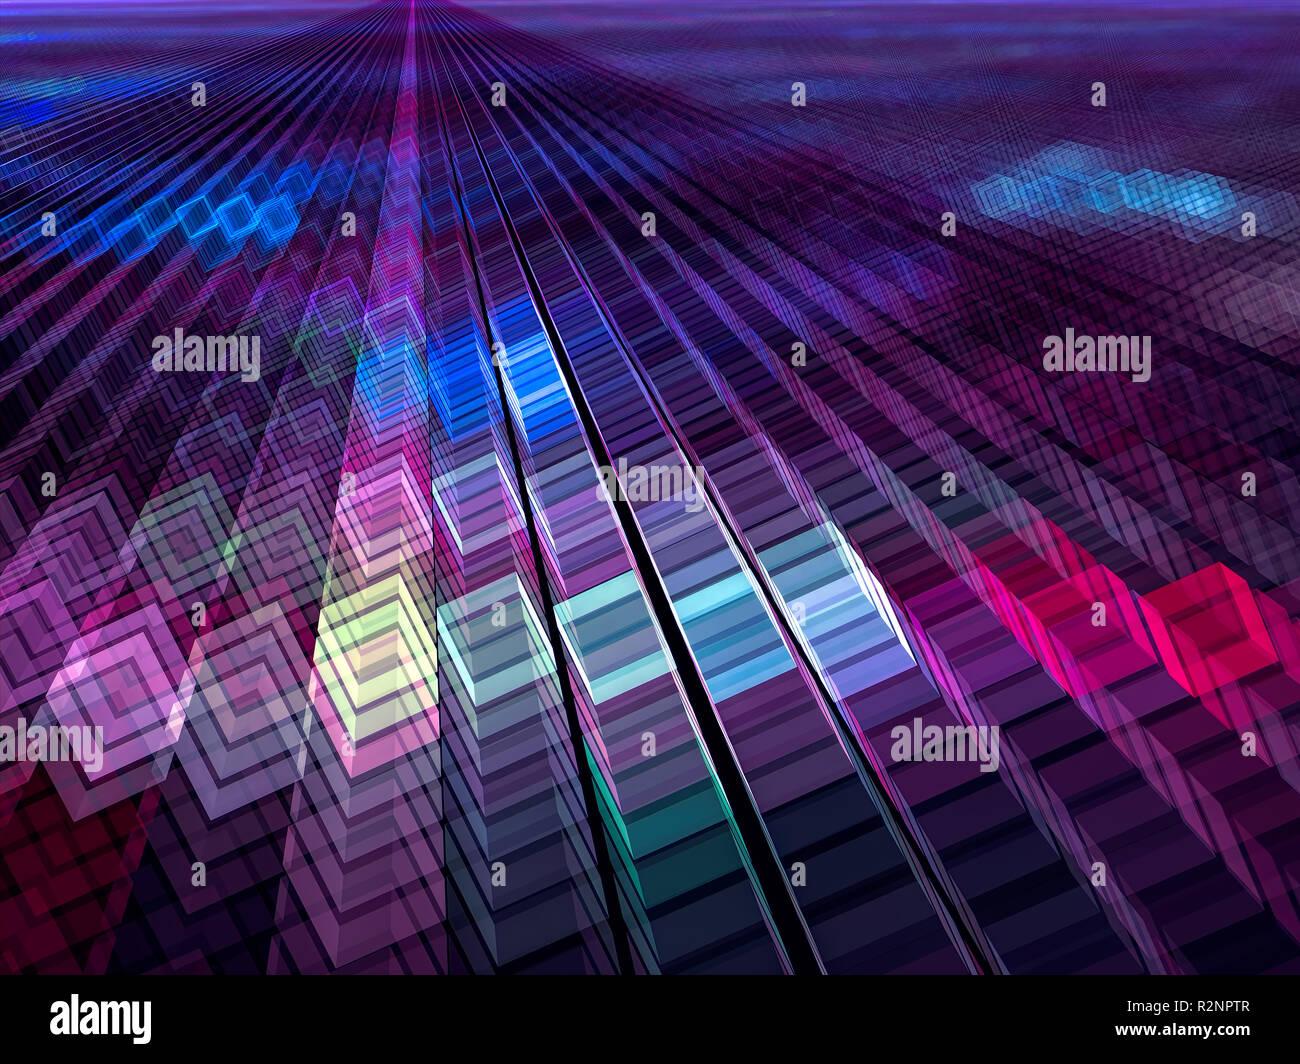 Cubi Colorati Su Sfondo Viola Abstract Generati Con Il Computer 3d